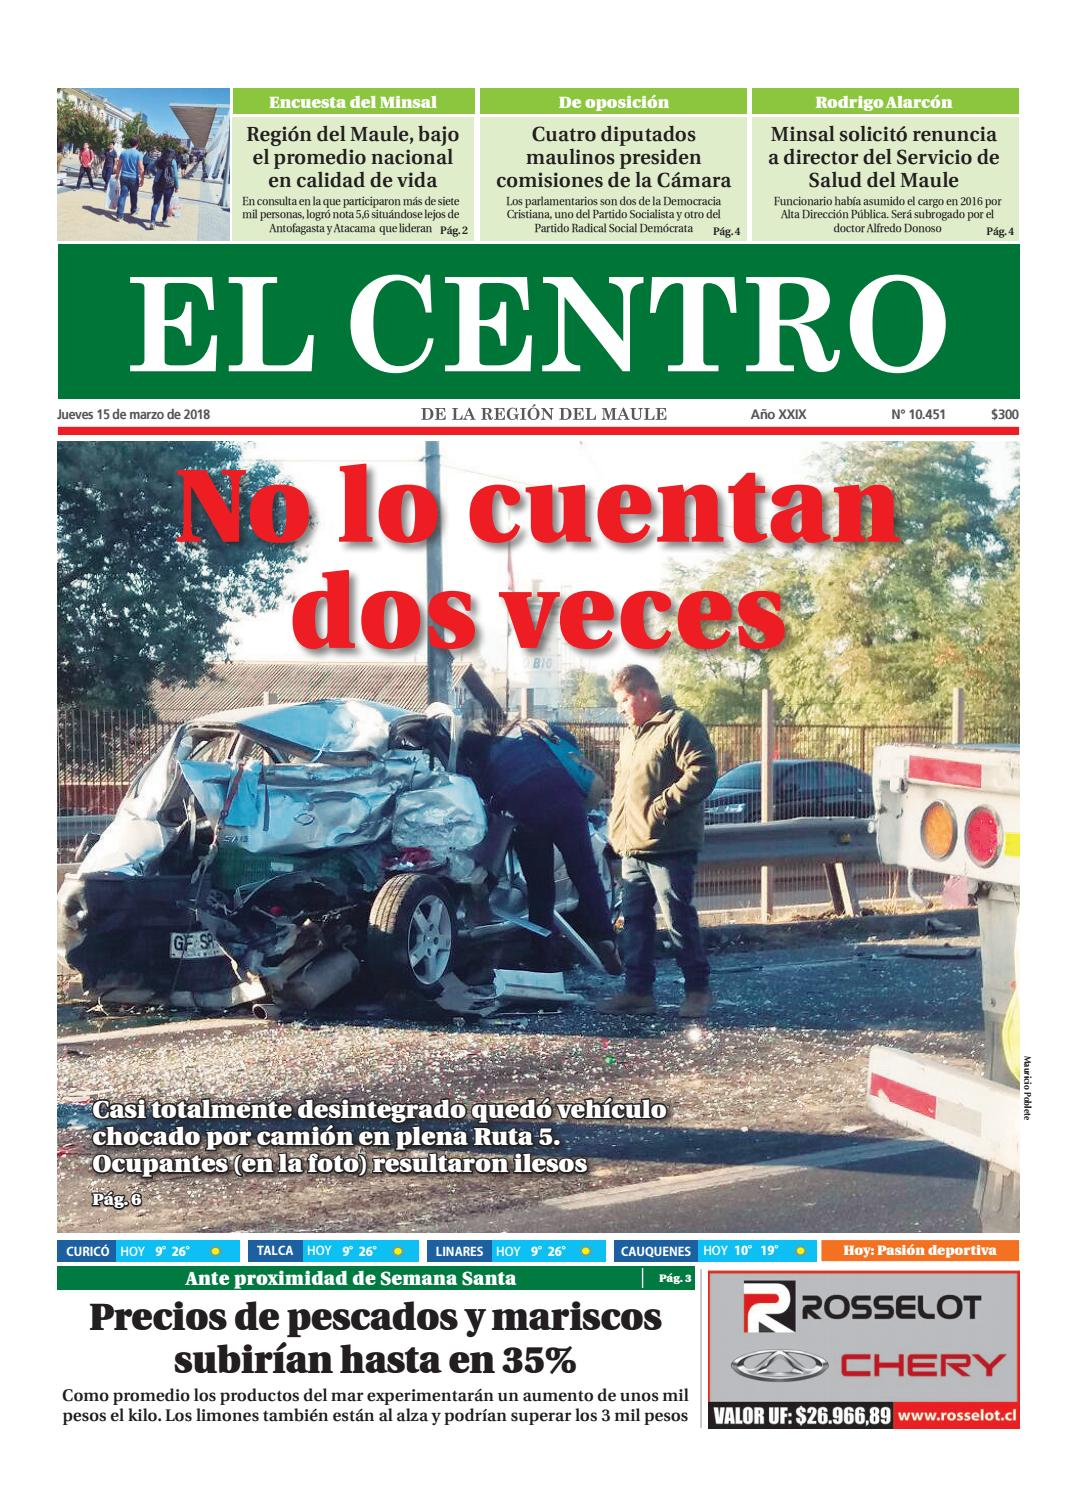 Diario 15 03 2018 by Diario El Centro S.A - issuu